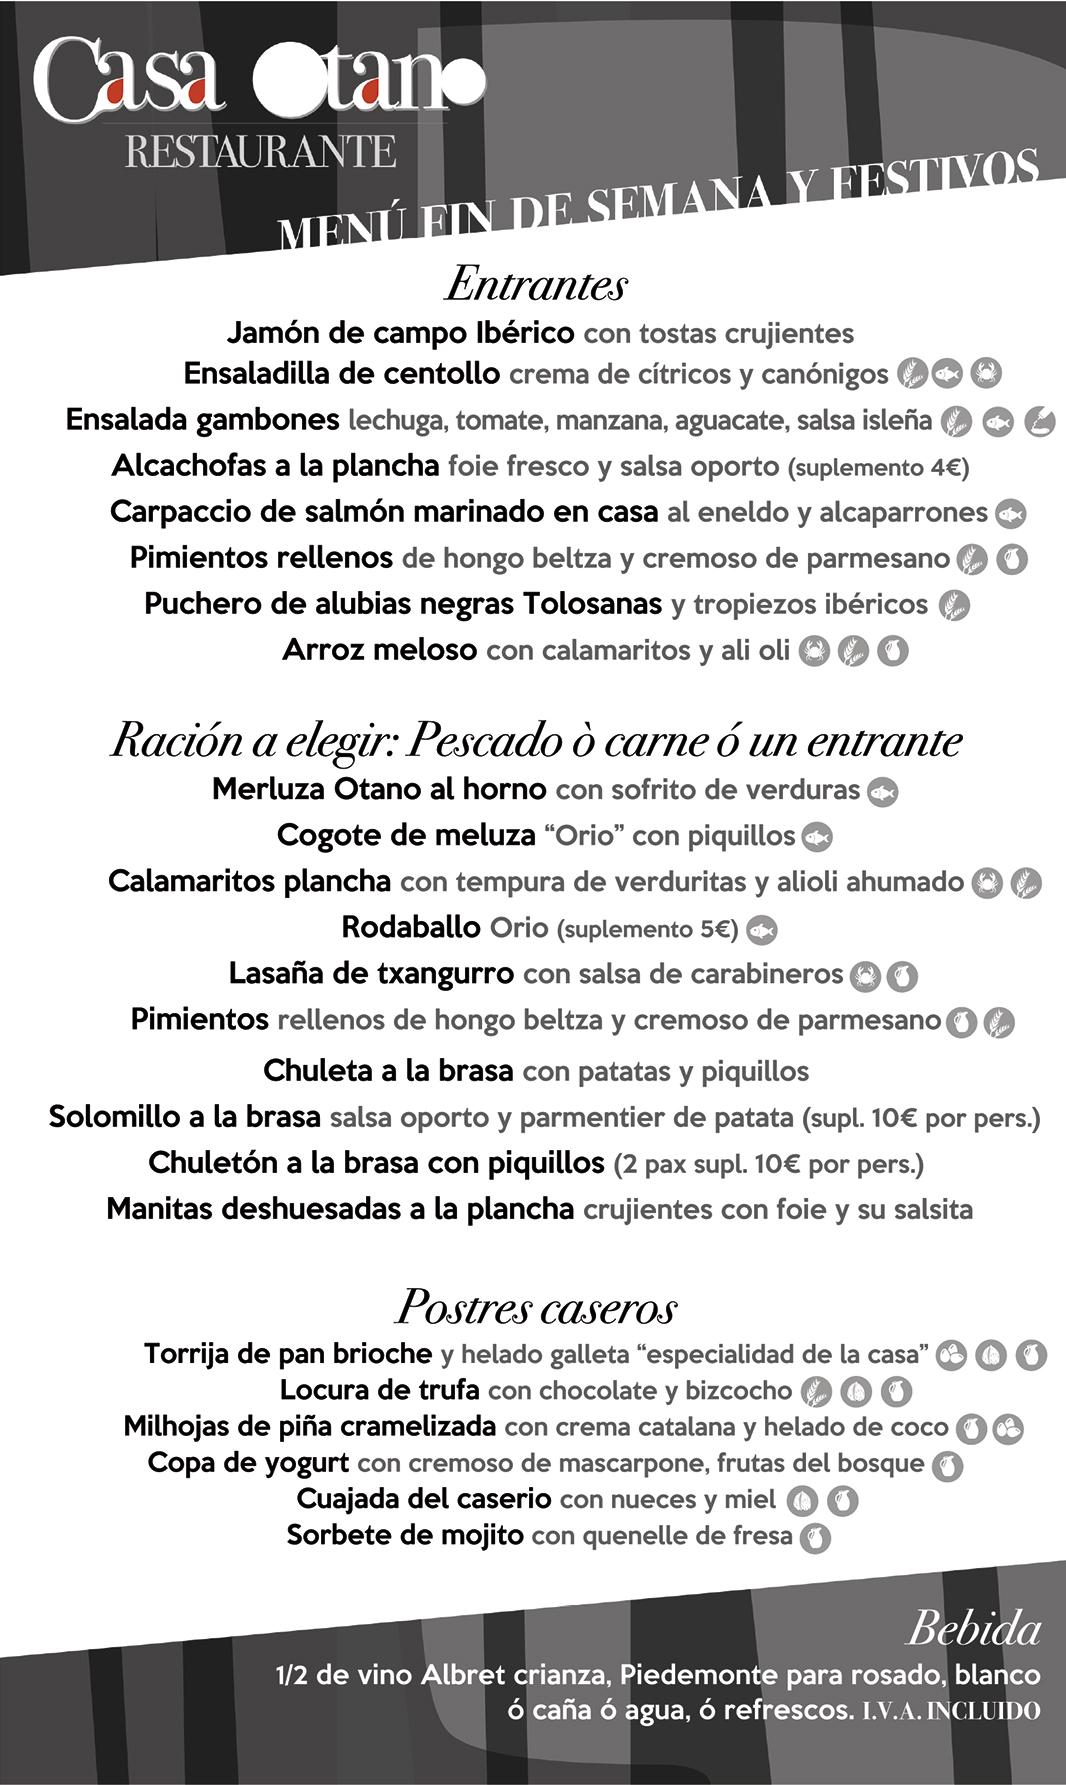 menu finde 2020